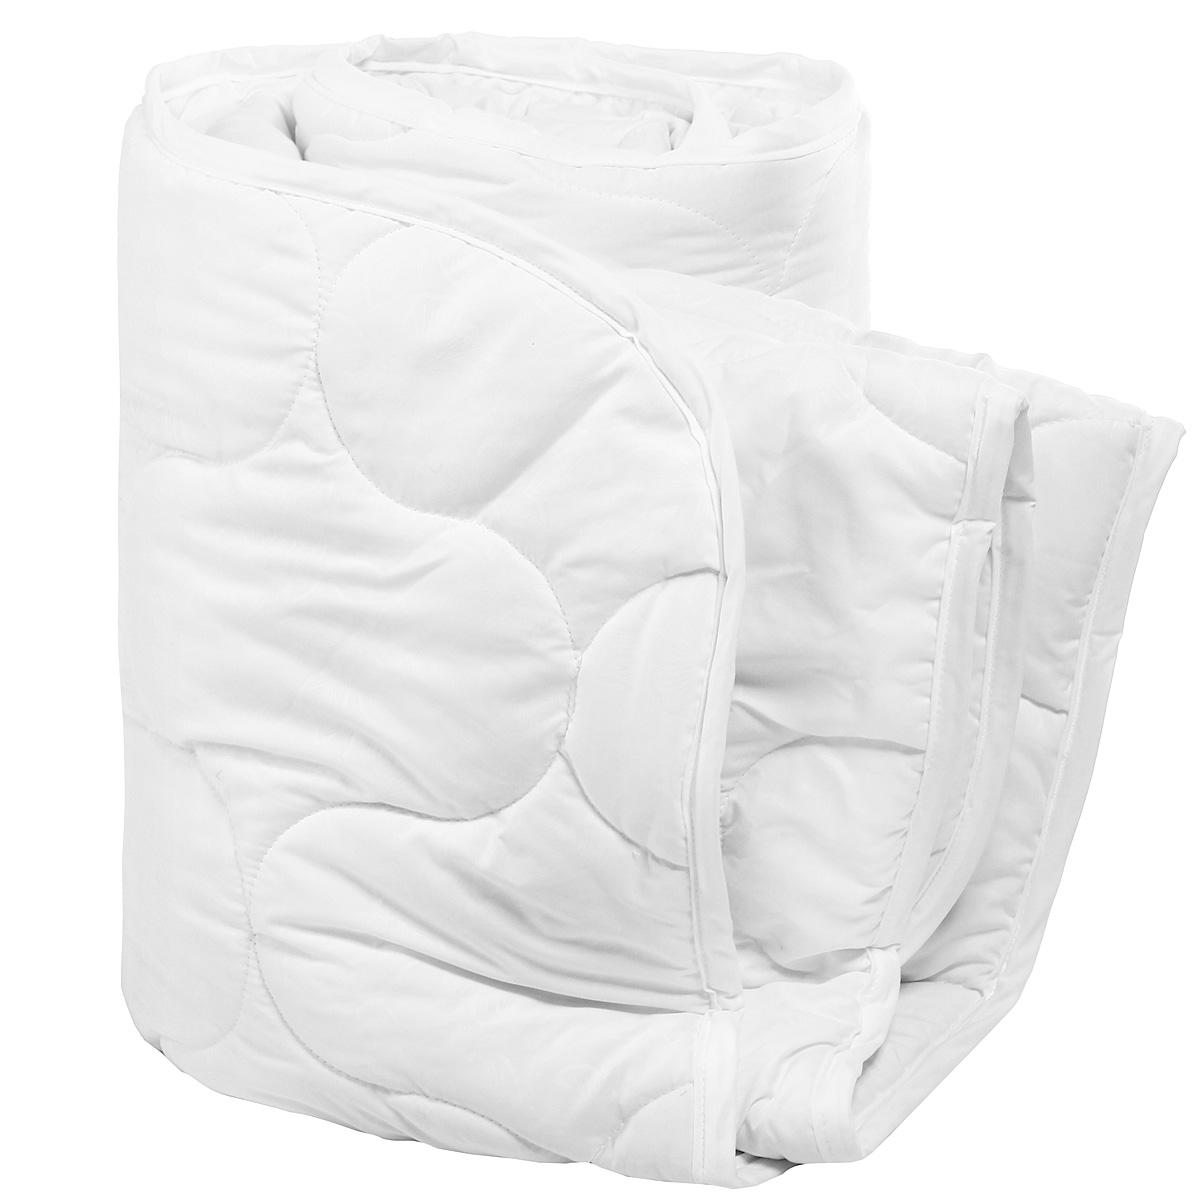 Одеяло Green Line, наполнитель: бамбуковое волокно, 140 х 205 смCLP446При изготовлении одеяла Green Line применяется ткань нового поколения из микрофиламентных нитей Ultratex. Одеяло не требует специального ухода, быстро сохнет после стирки и практически не мнется.Наполнитель из натуральных бамбуковых волокон. Пористая структура бамбукового волокна обеспечивает отличные условия для циркуляции воздуха и впитывания влаги.Преимущества одеяла Green Line: идеальный комфортный сон; антибактериальная защита; оптимальная терморегуляция. Характеристики:Материал чехла: 100% полиэстер (Ultratex). Наполнитель: 50 % бамбуковое волокно, 50% полиэстер. Цвет: белый. Масса наполнителя: 300 г/м2. Размер одеяла: 140 см х 205 см. Размер упаковки:58 см х 15 см х 43 см. Артикул: 165989.